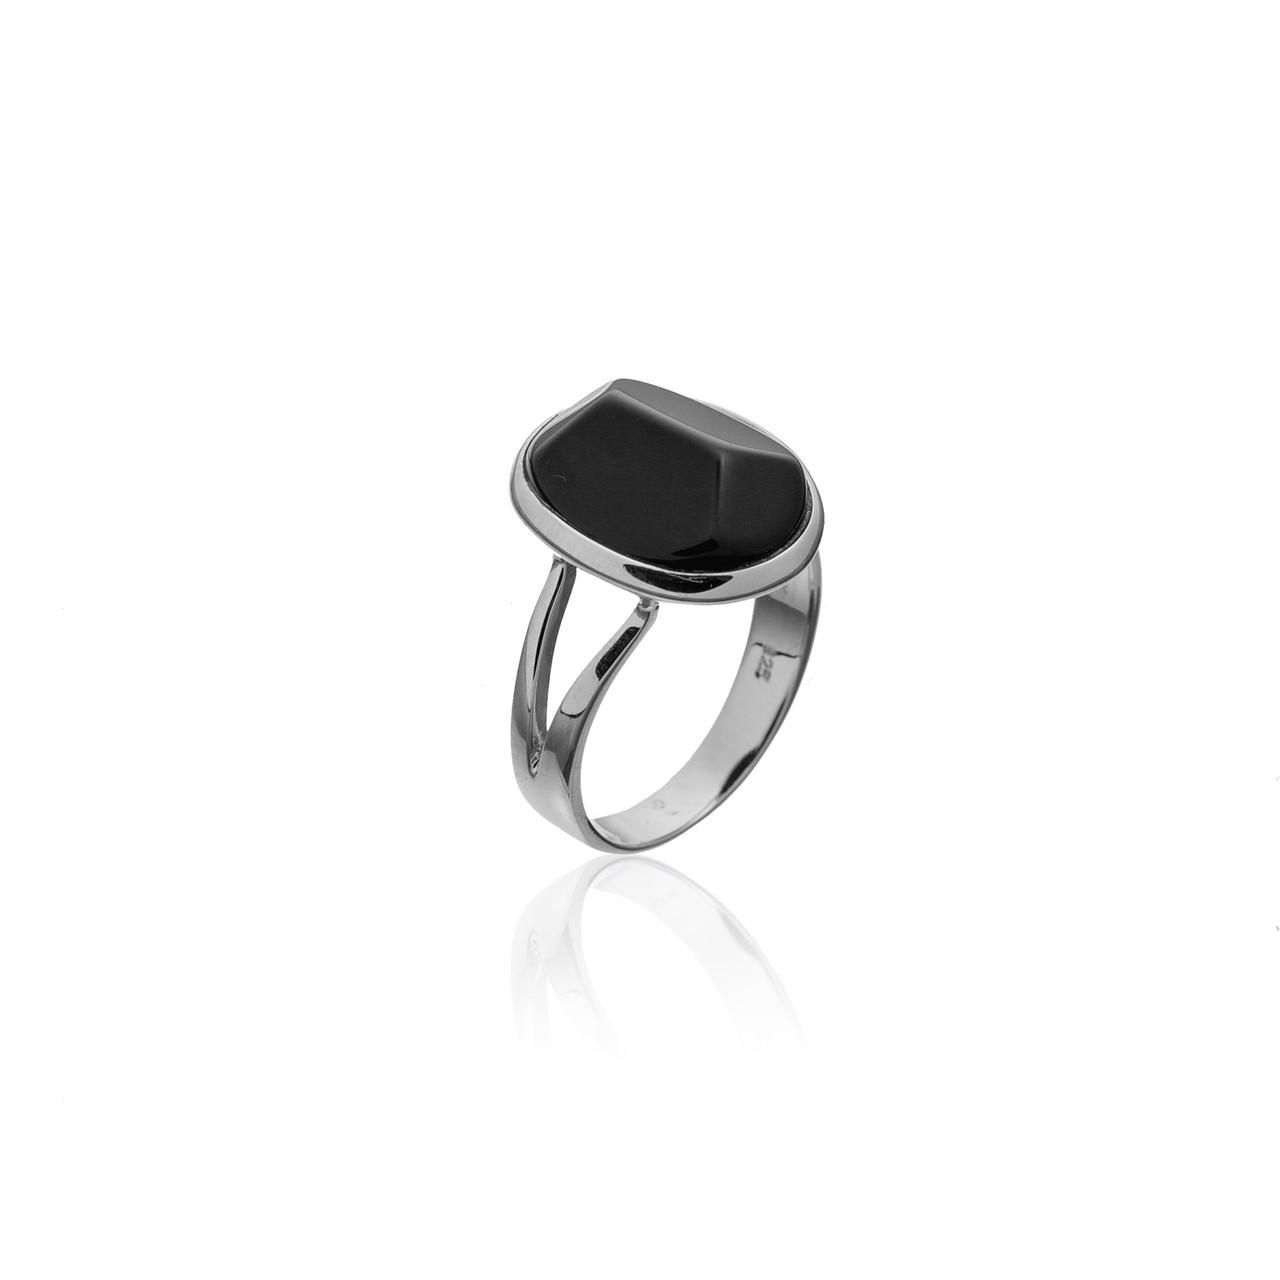 Серебряное кольцо с натуральным камнем. Вставка: черный оникс размер: 17 р, покрытие родий, вес: 4,3